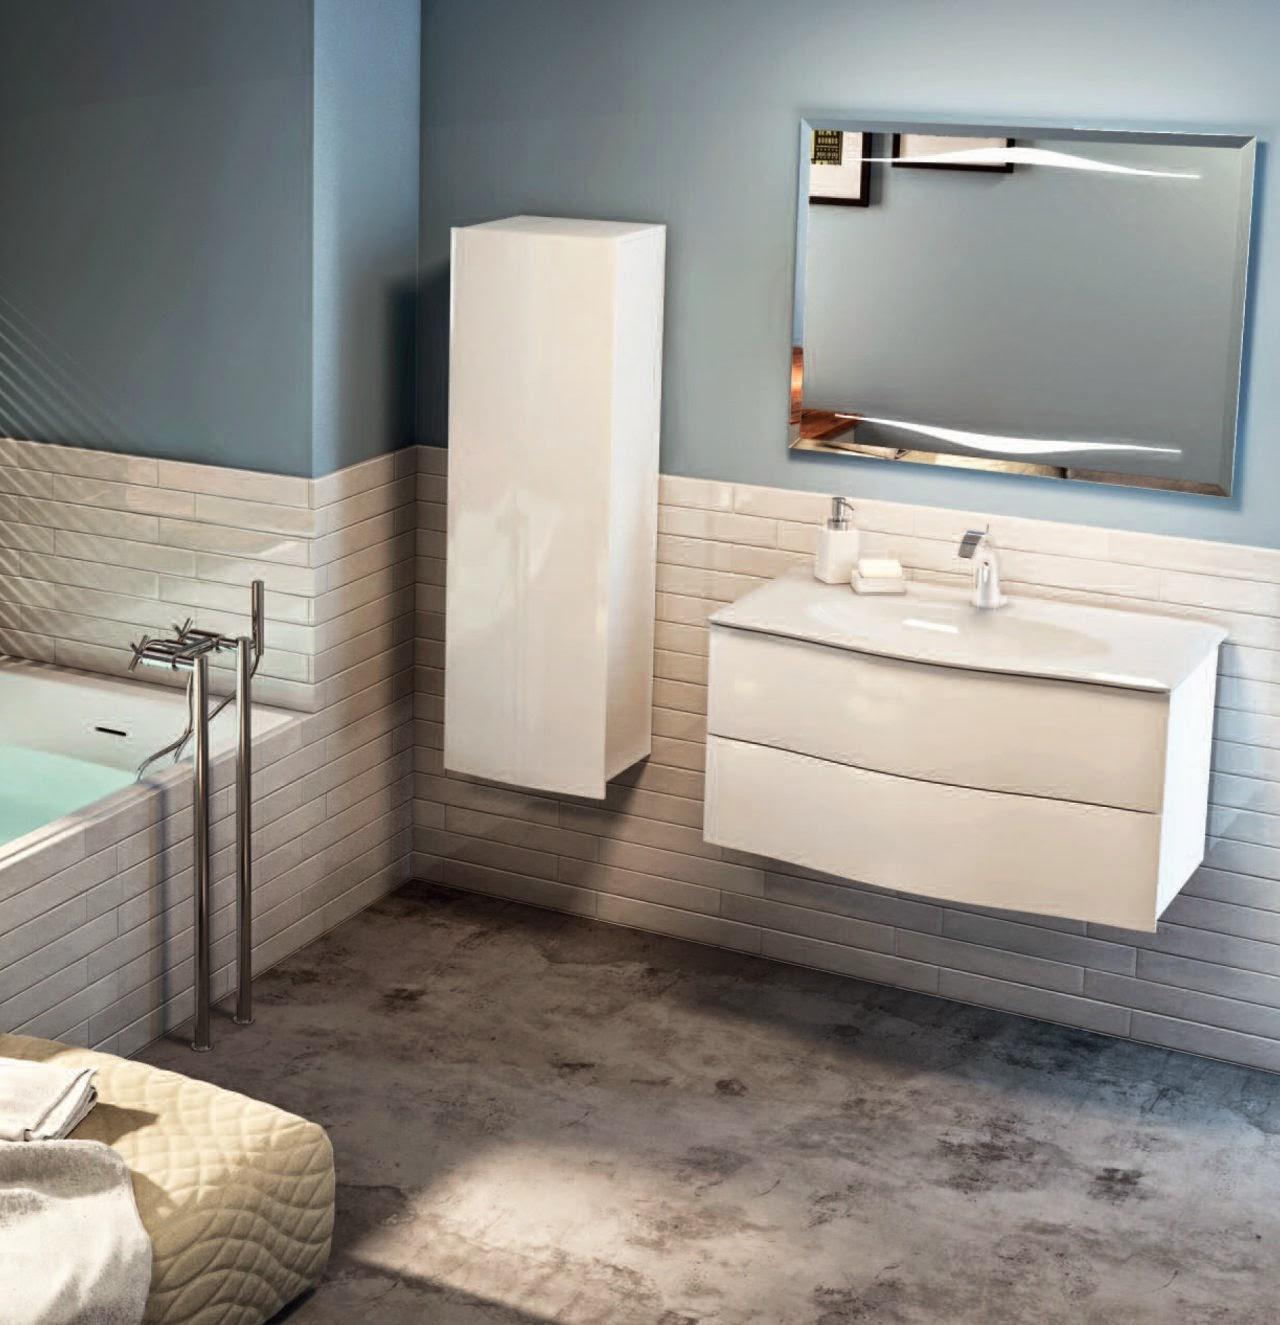 Aqualys burdin bossert prolians besancon collection meuble salle de bains ep - Meuble salle de bain decotec ...